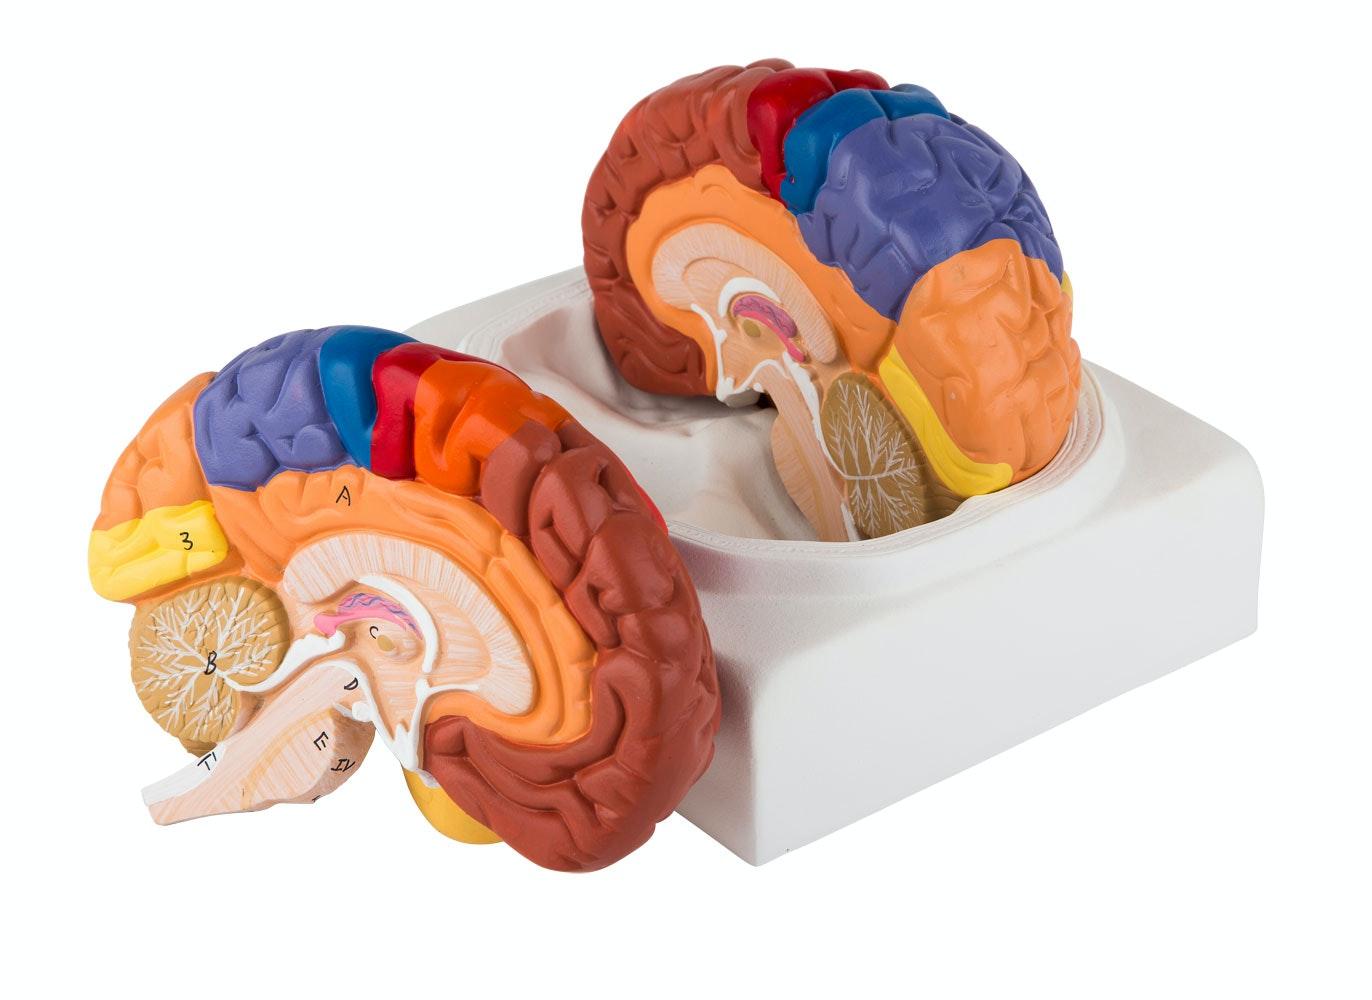 Pædagogisk farvet hjernemodel i 2 dele